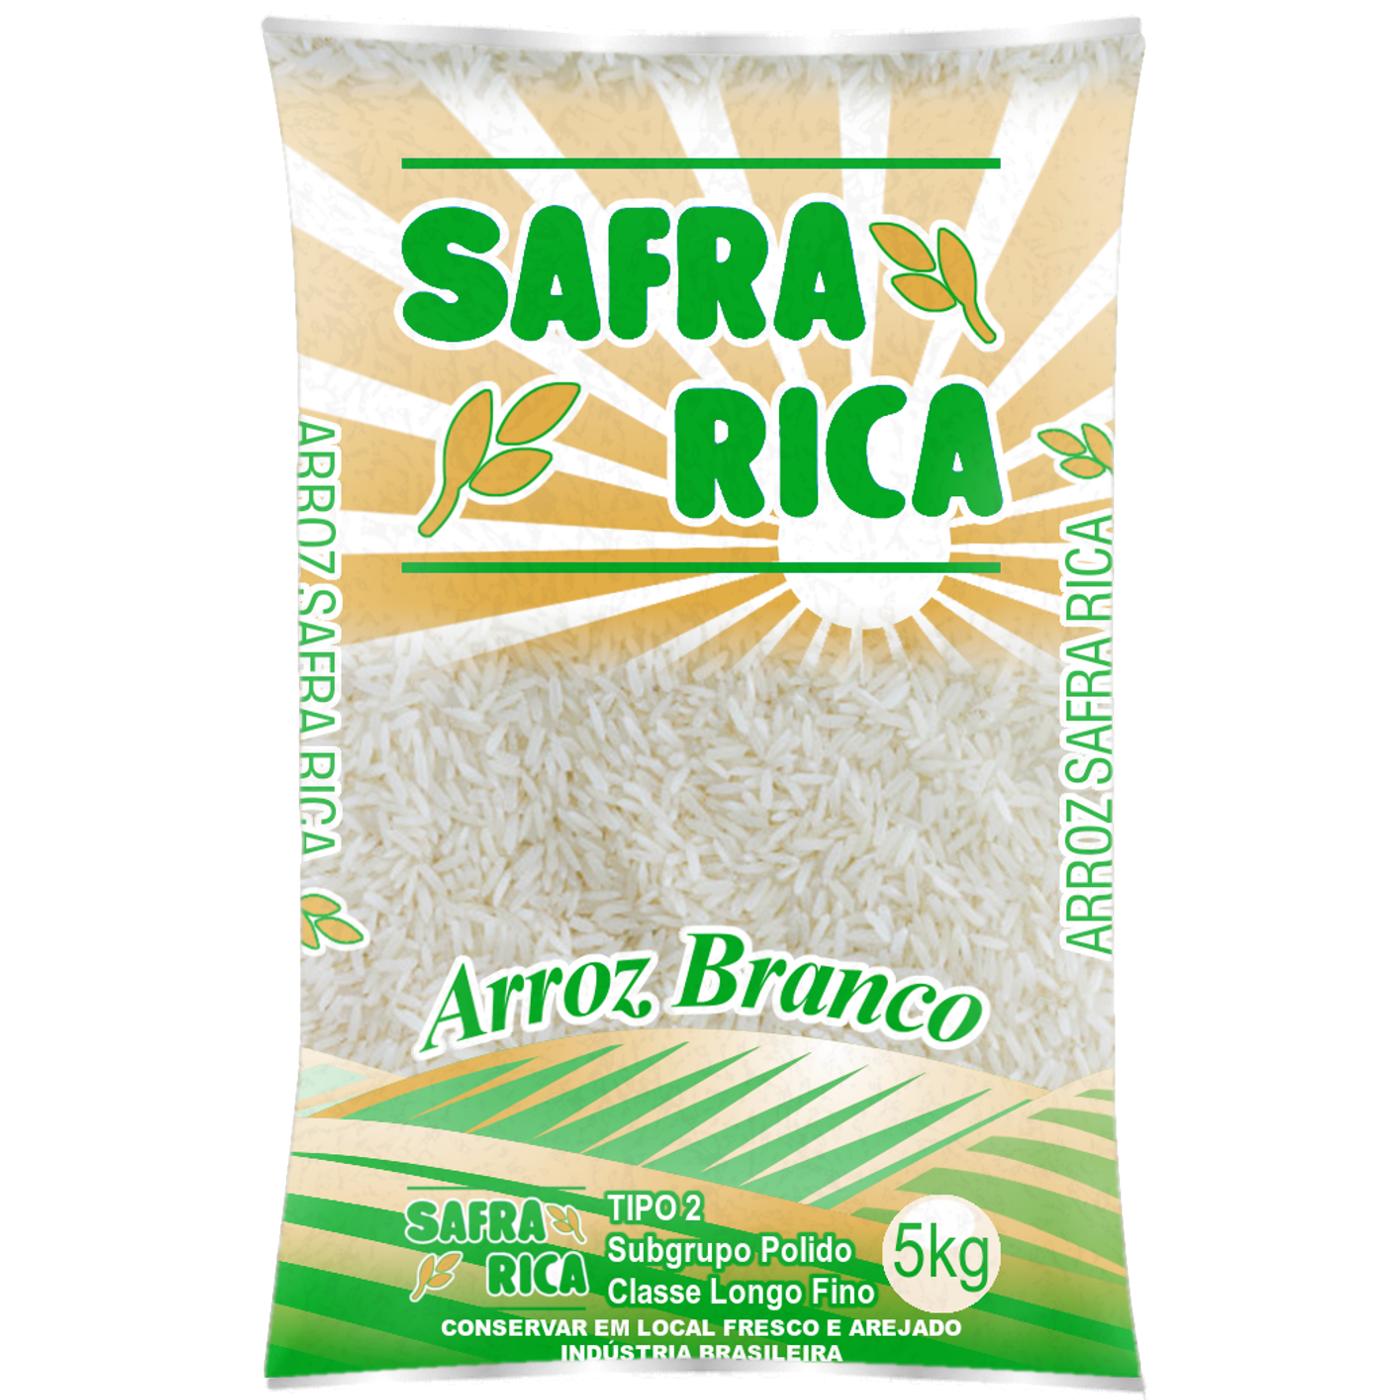 7898678530089 - ARROZ SAFRA RICA BRANCO TIPO 2 5KG